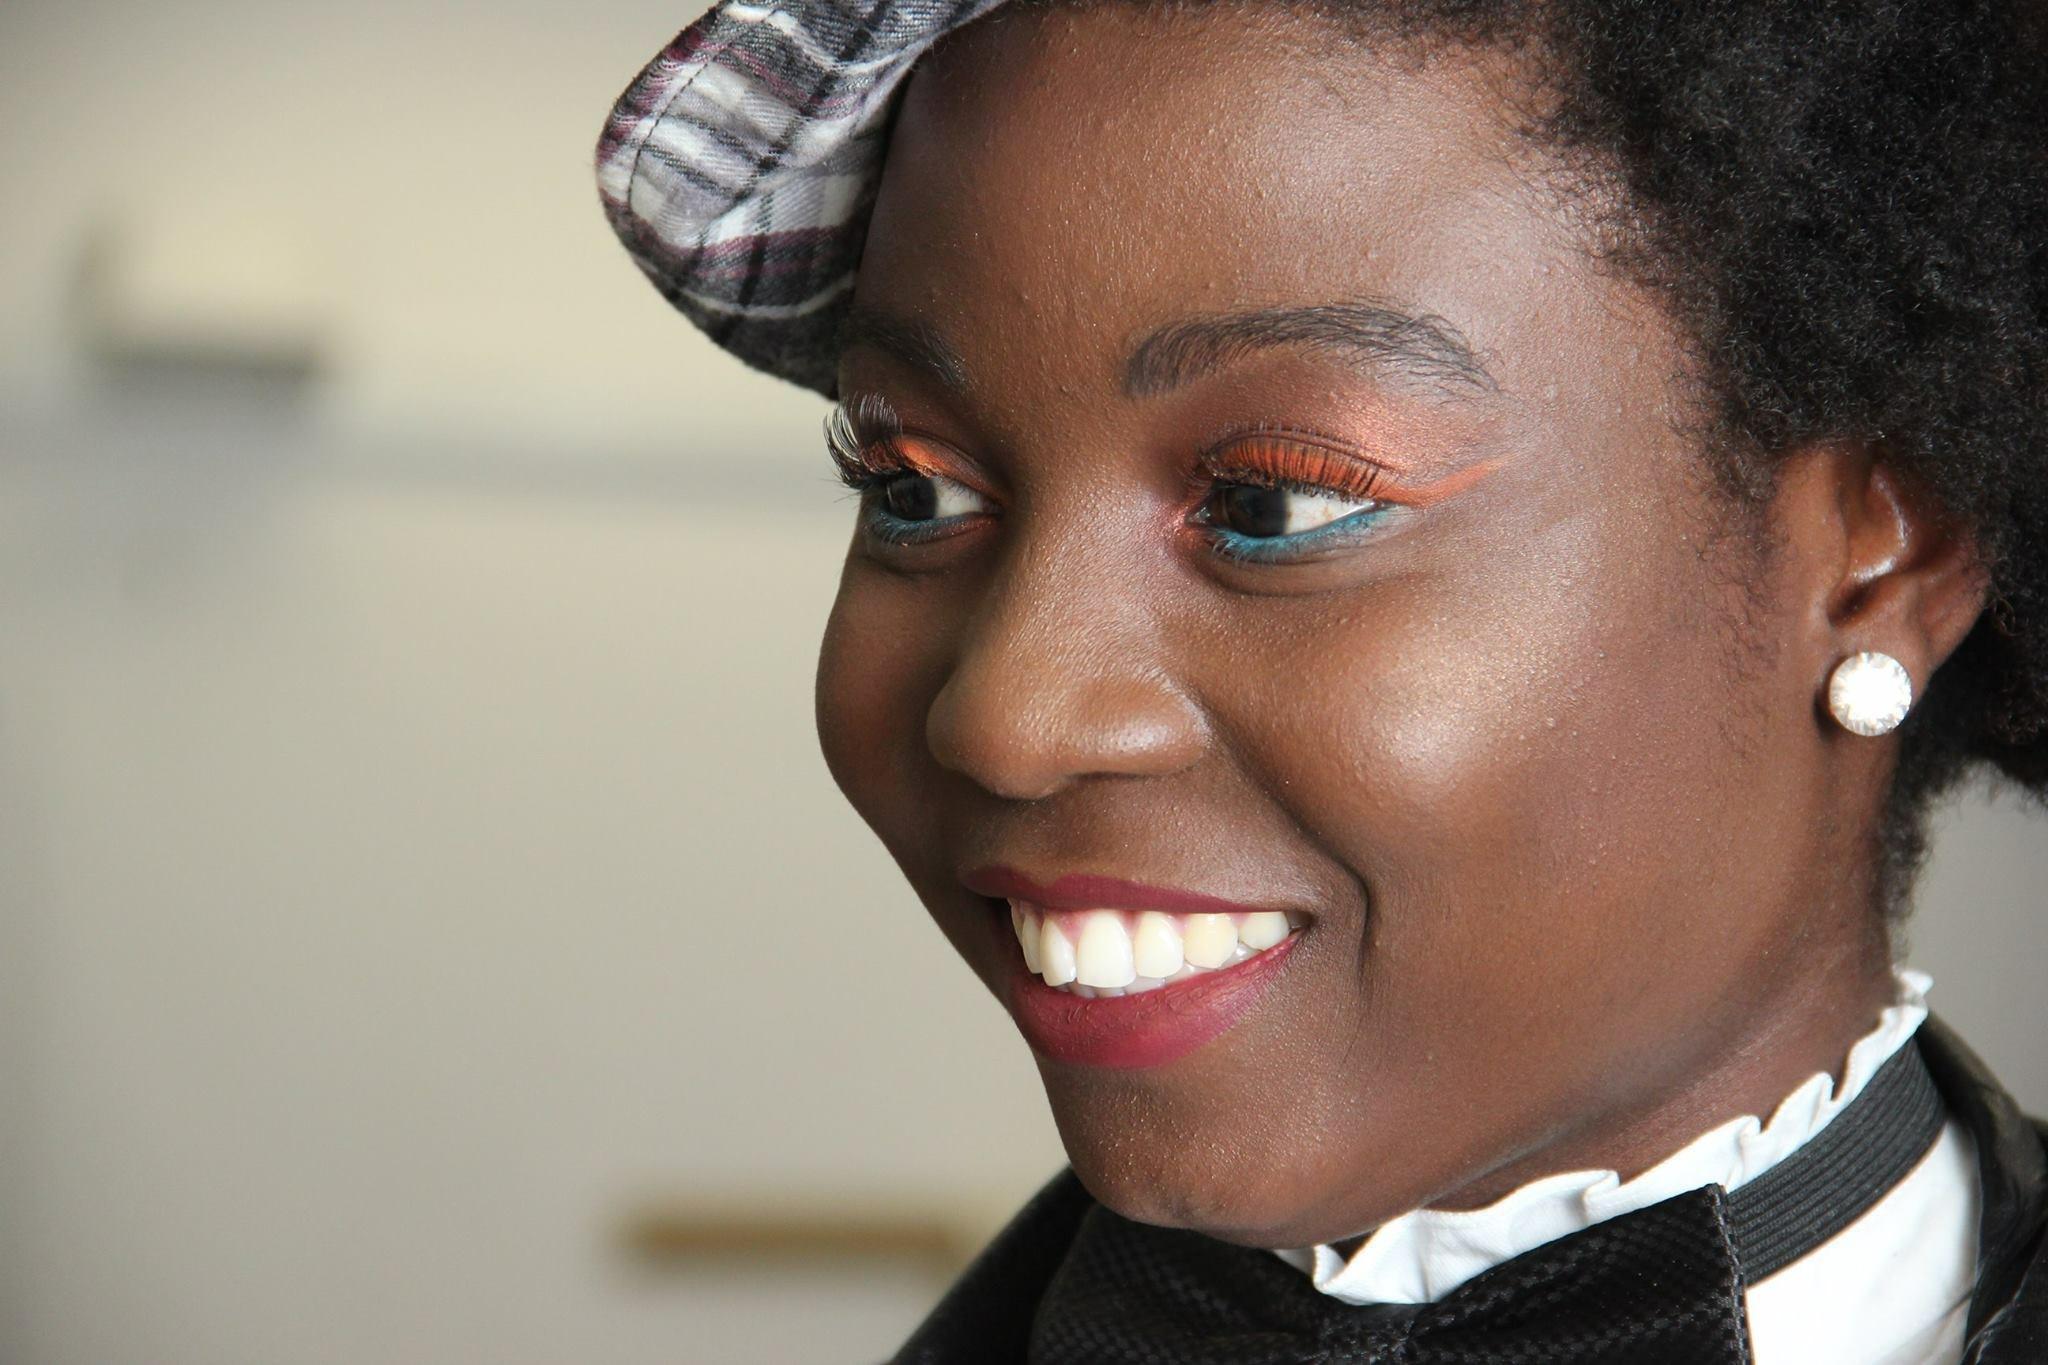 #maquiagem #editorial #maquiagemconceito #pelenegra #africa #brasil maquiagem maquiador(a) assistente maquiador(a)